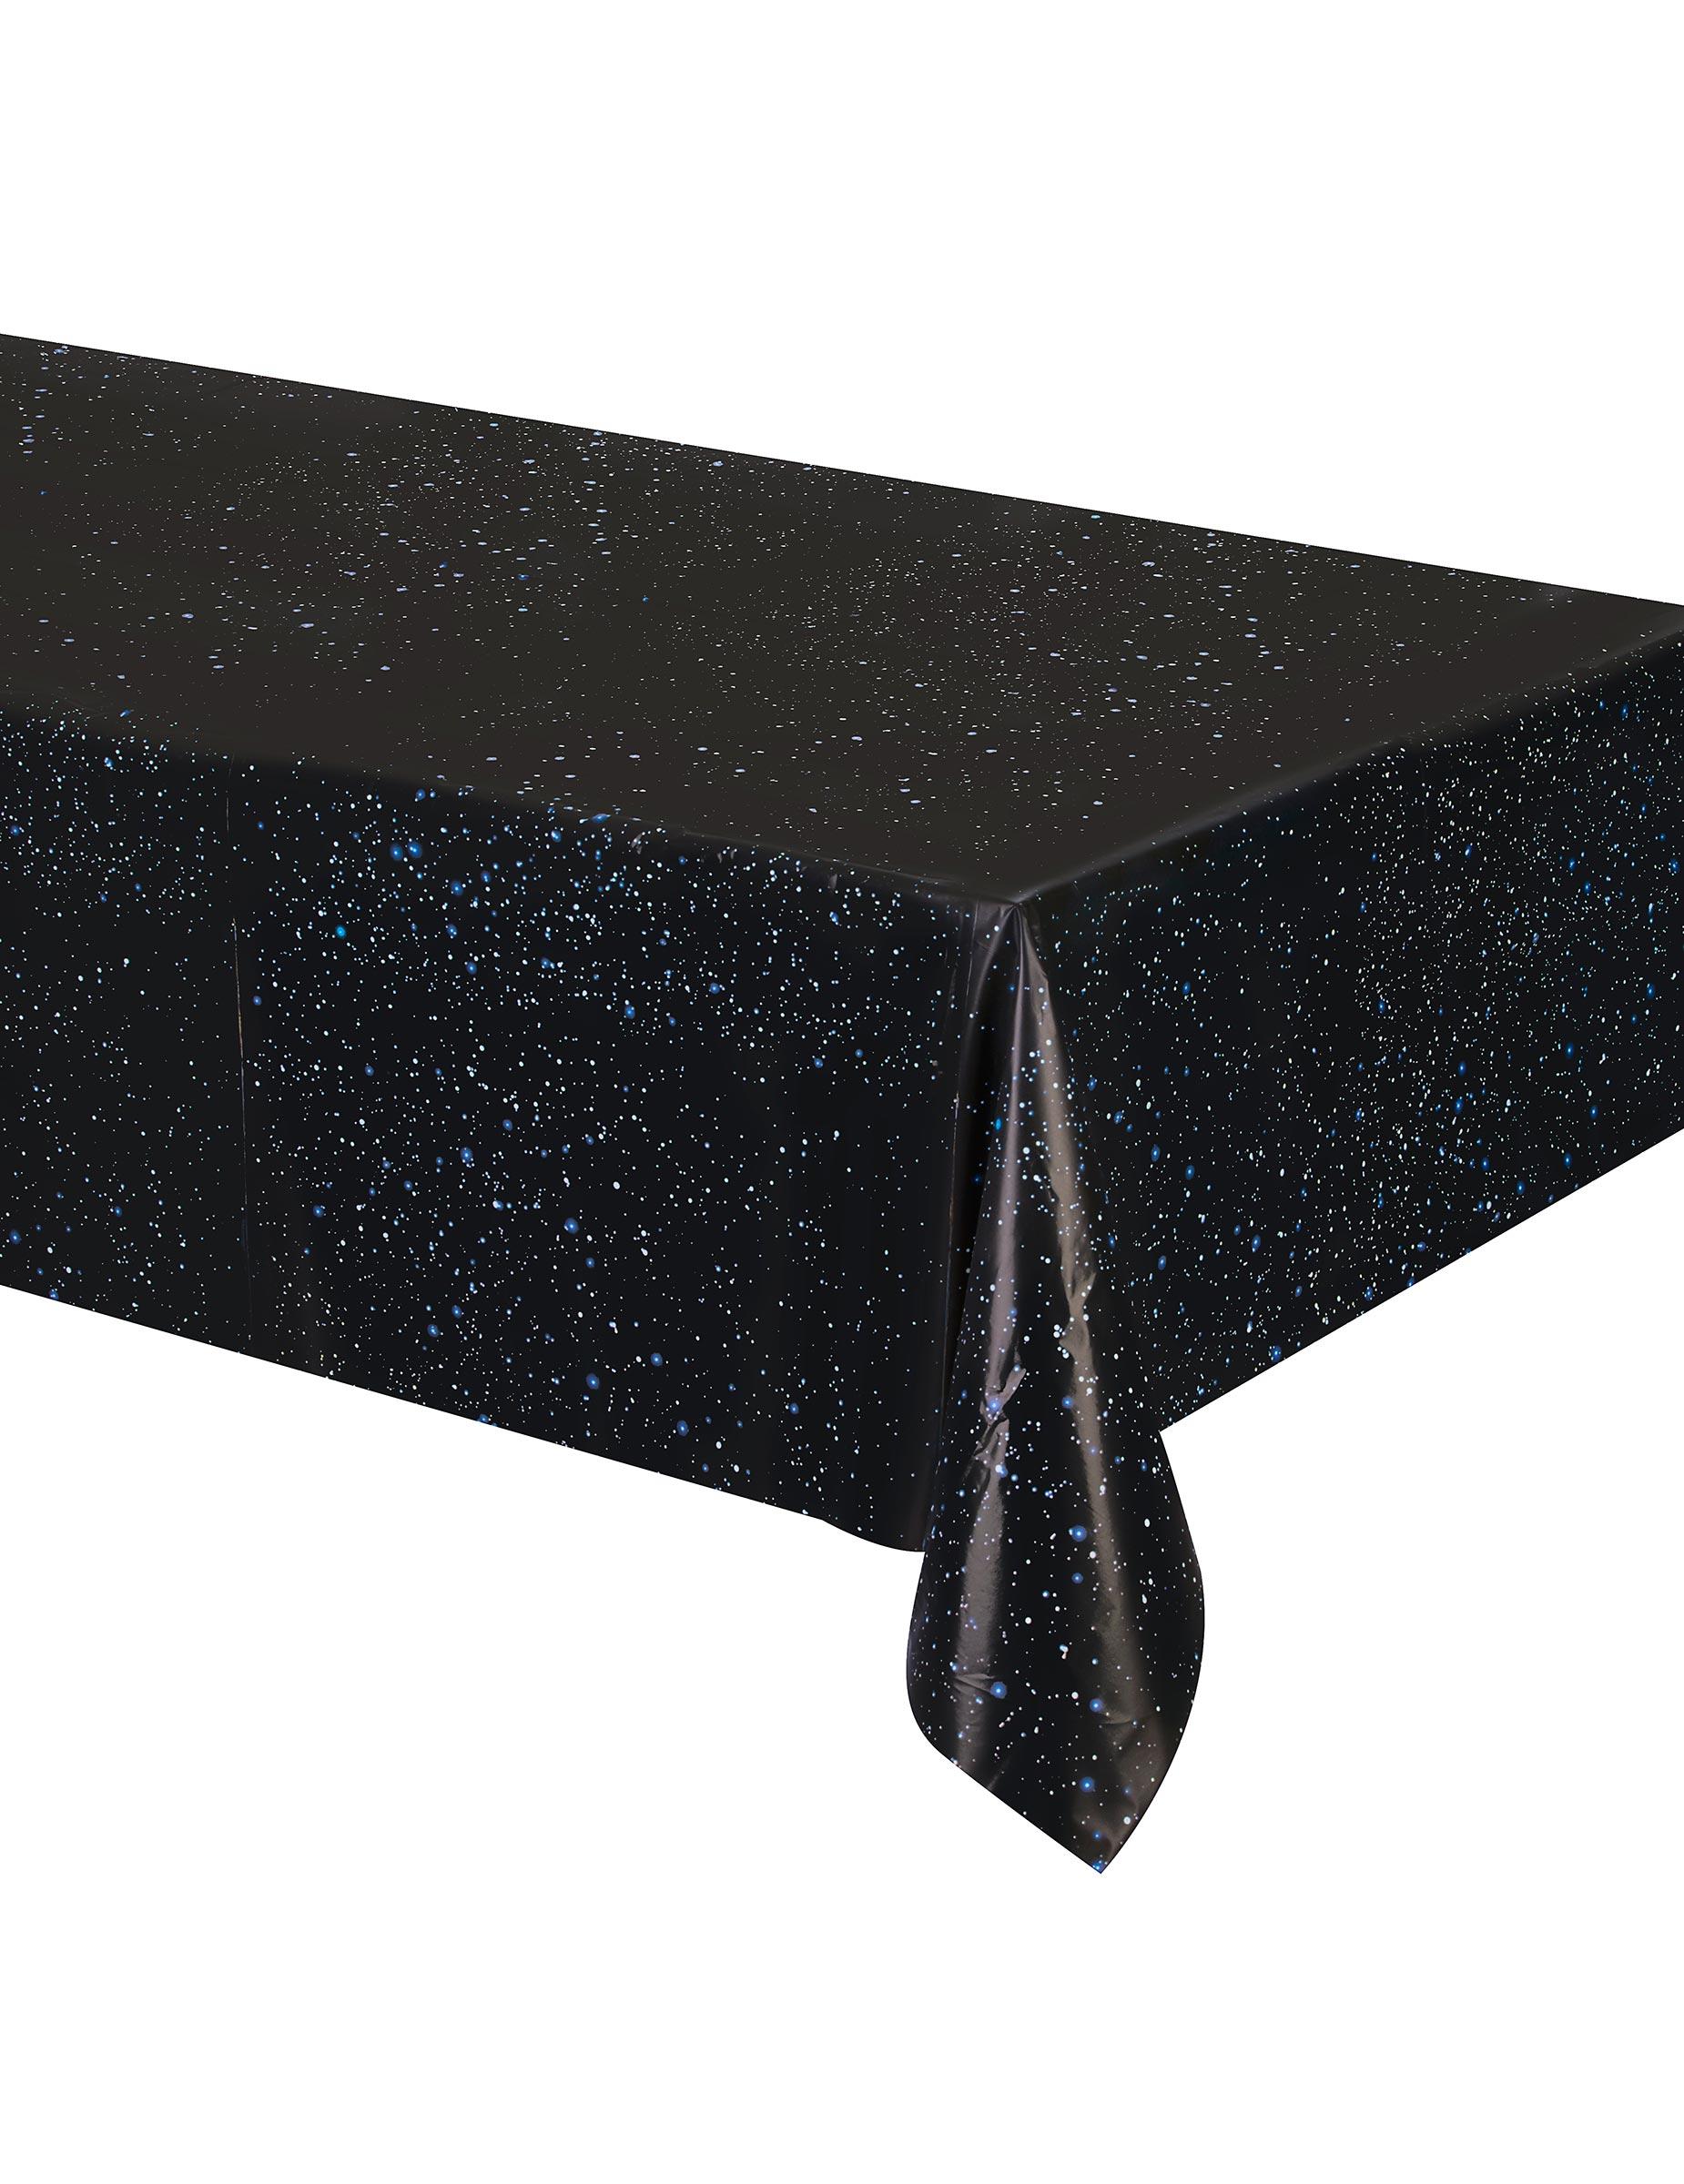 Mantel pl stico cumplea os espacio 137x274 cm decoraci n y disfraces originales baratos vegaoo - Mantel plastico ...